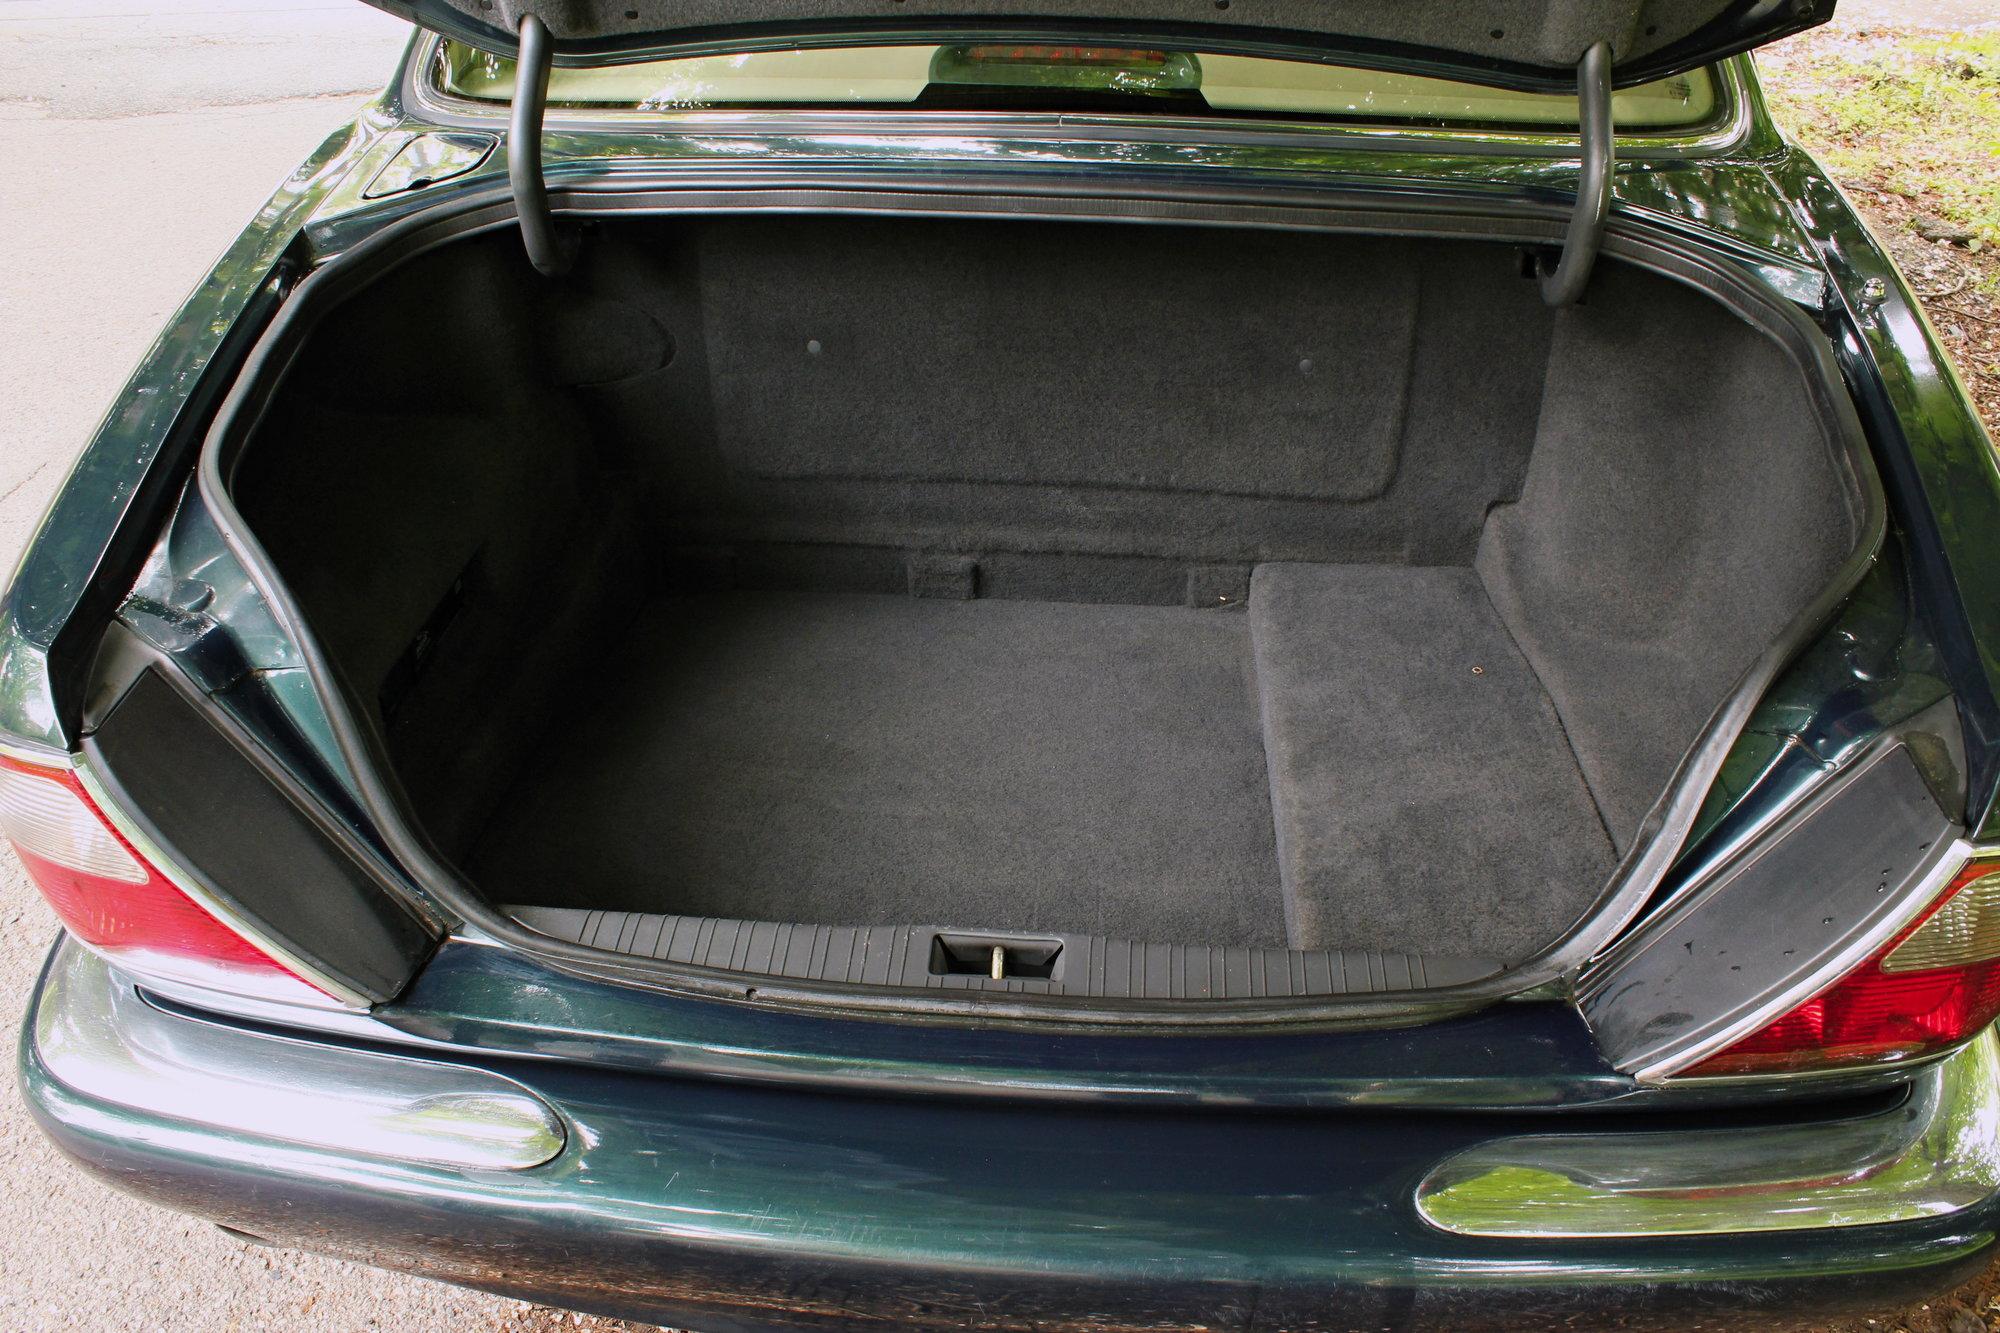 Jaguar XJ (x308) Sovereign nabízí poměrně slušný úložný prostor. V levém horním rohu si můžete všimnou i netradičně umístěného víčka nádrže